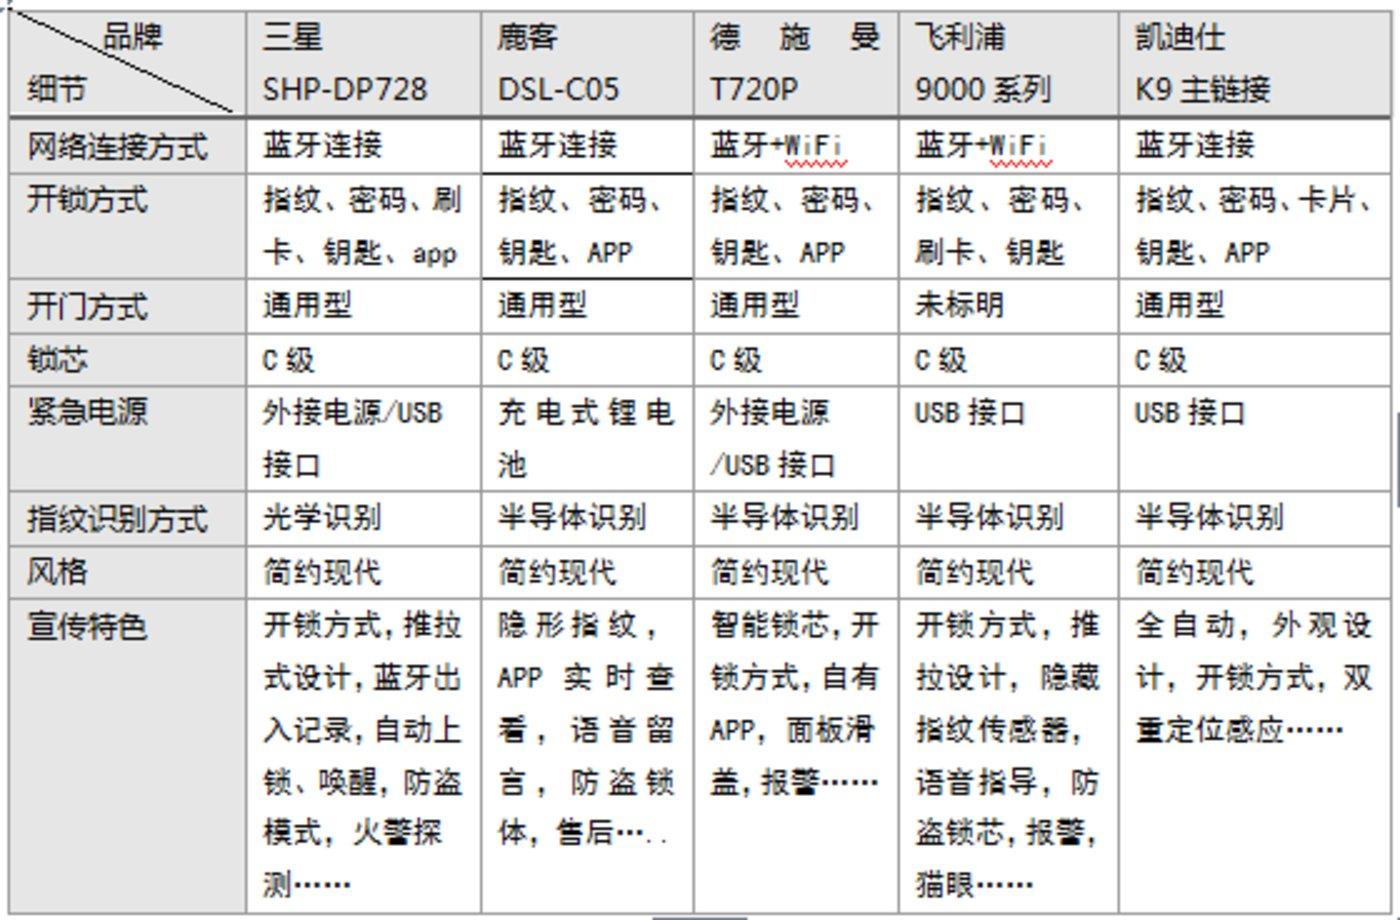 资料来源:京东网站商品参数界面